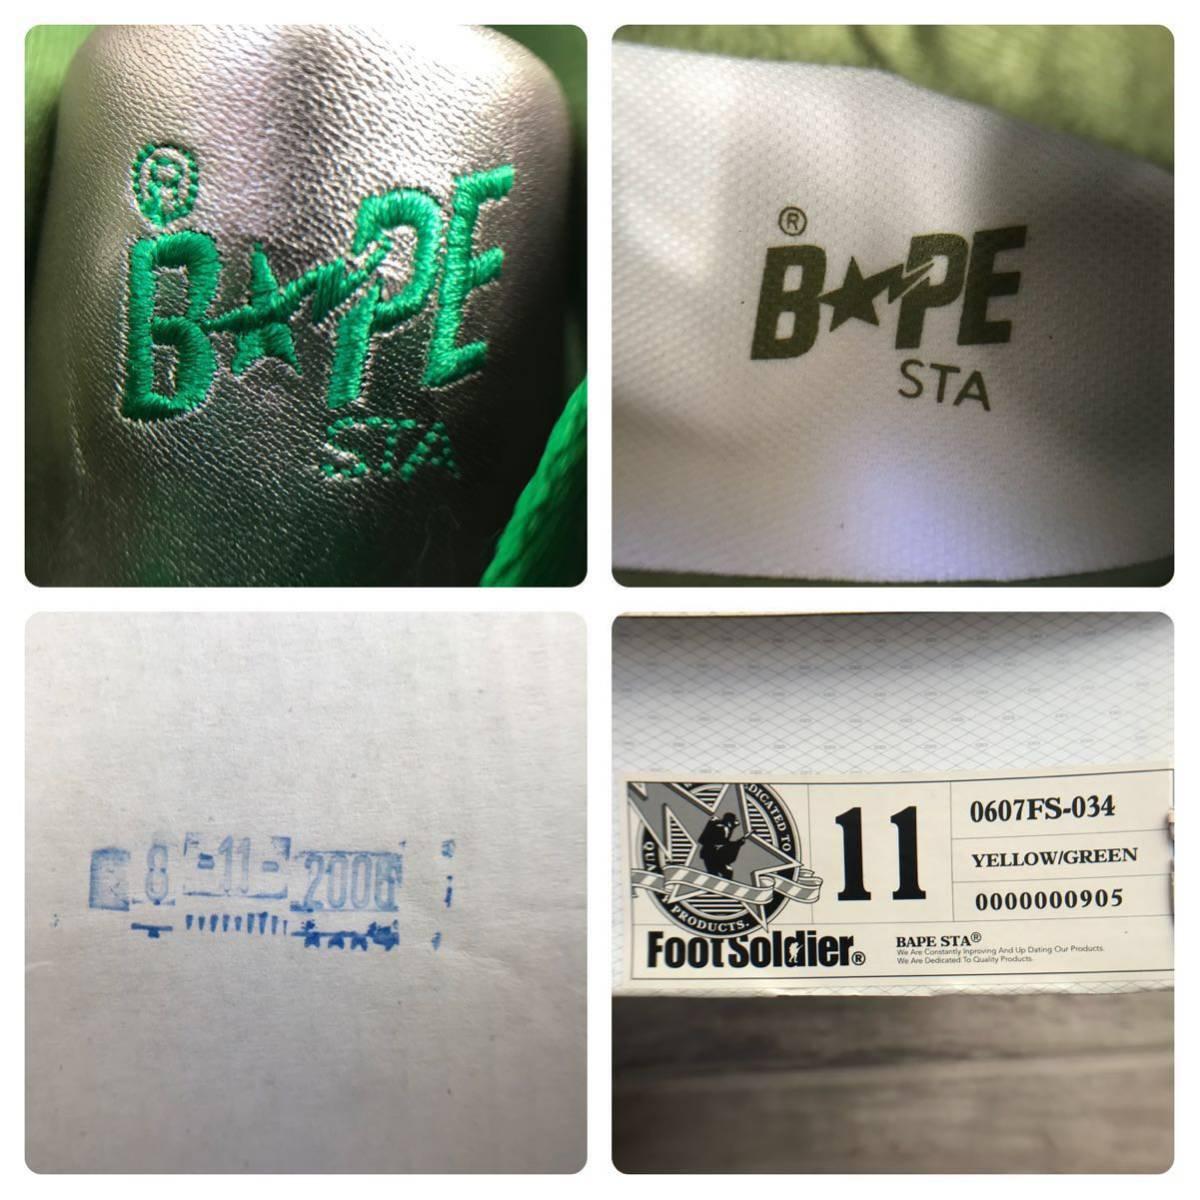 ★新品★ pharrell bapesta 29cm The Neptunes N・E・R・D ロードスタ a bathing ape bape kanye ファレル スニーカー ベイプ startrak